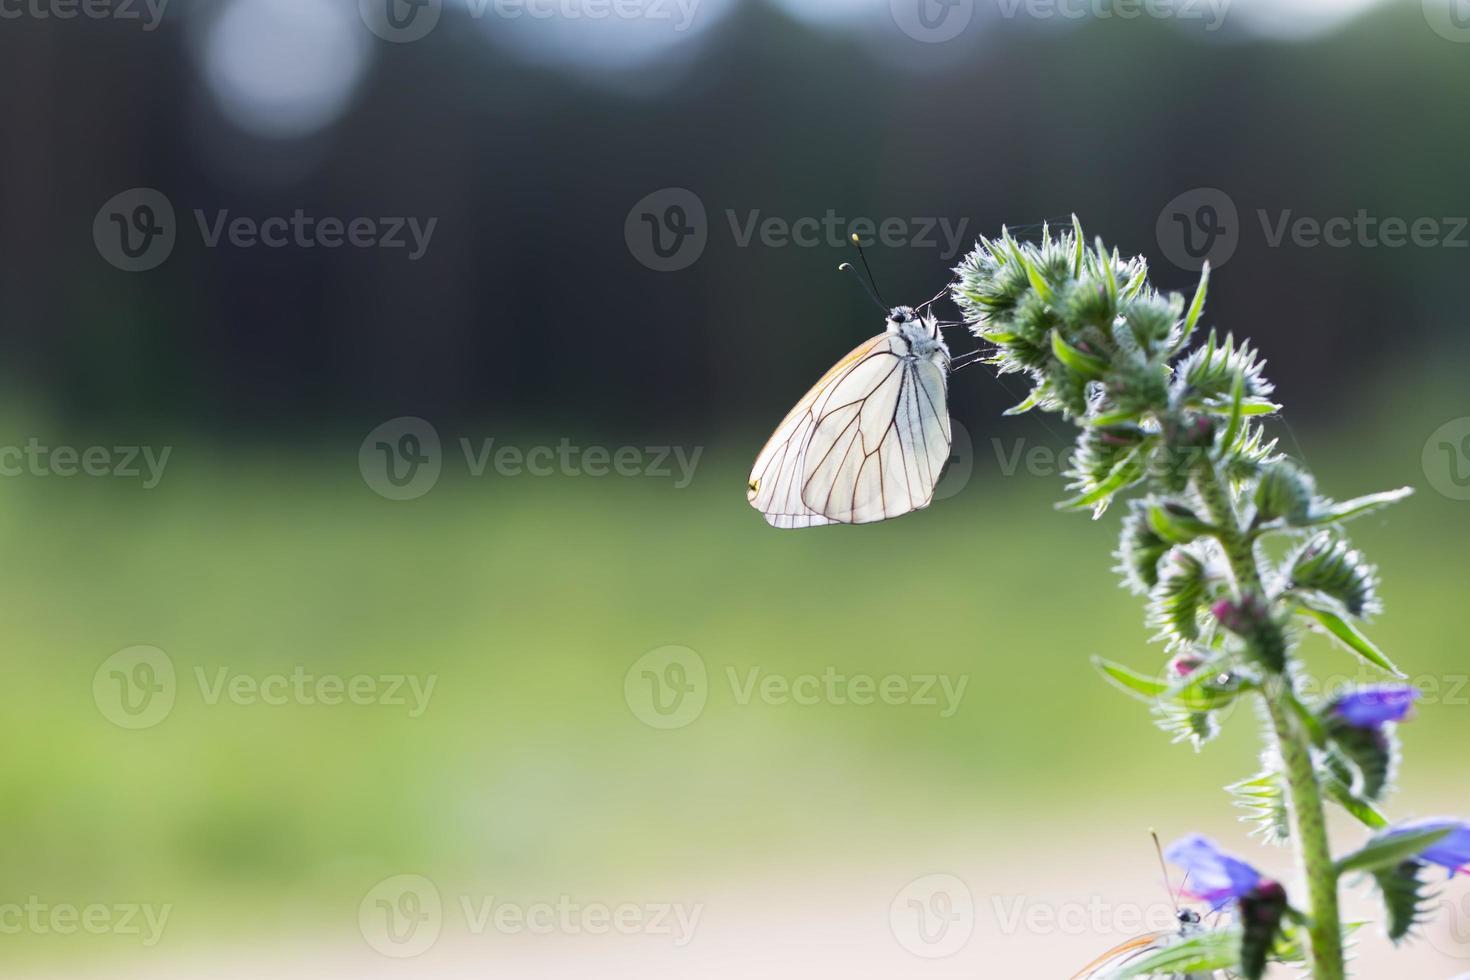 prachtige wilde kleurrijke vlinder rusten op plant foto